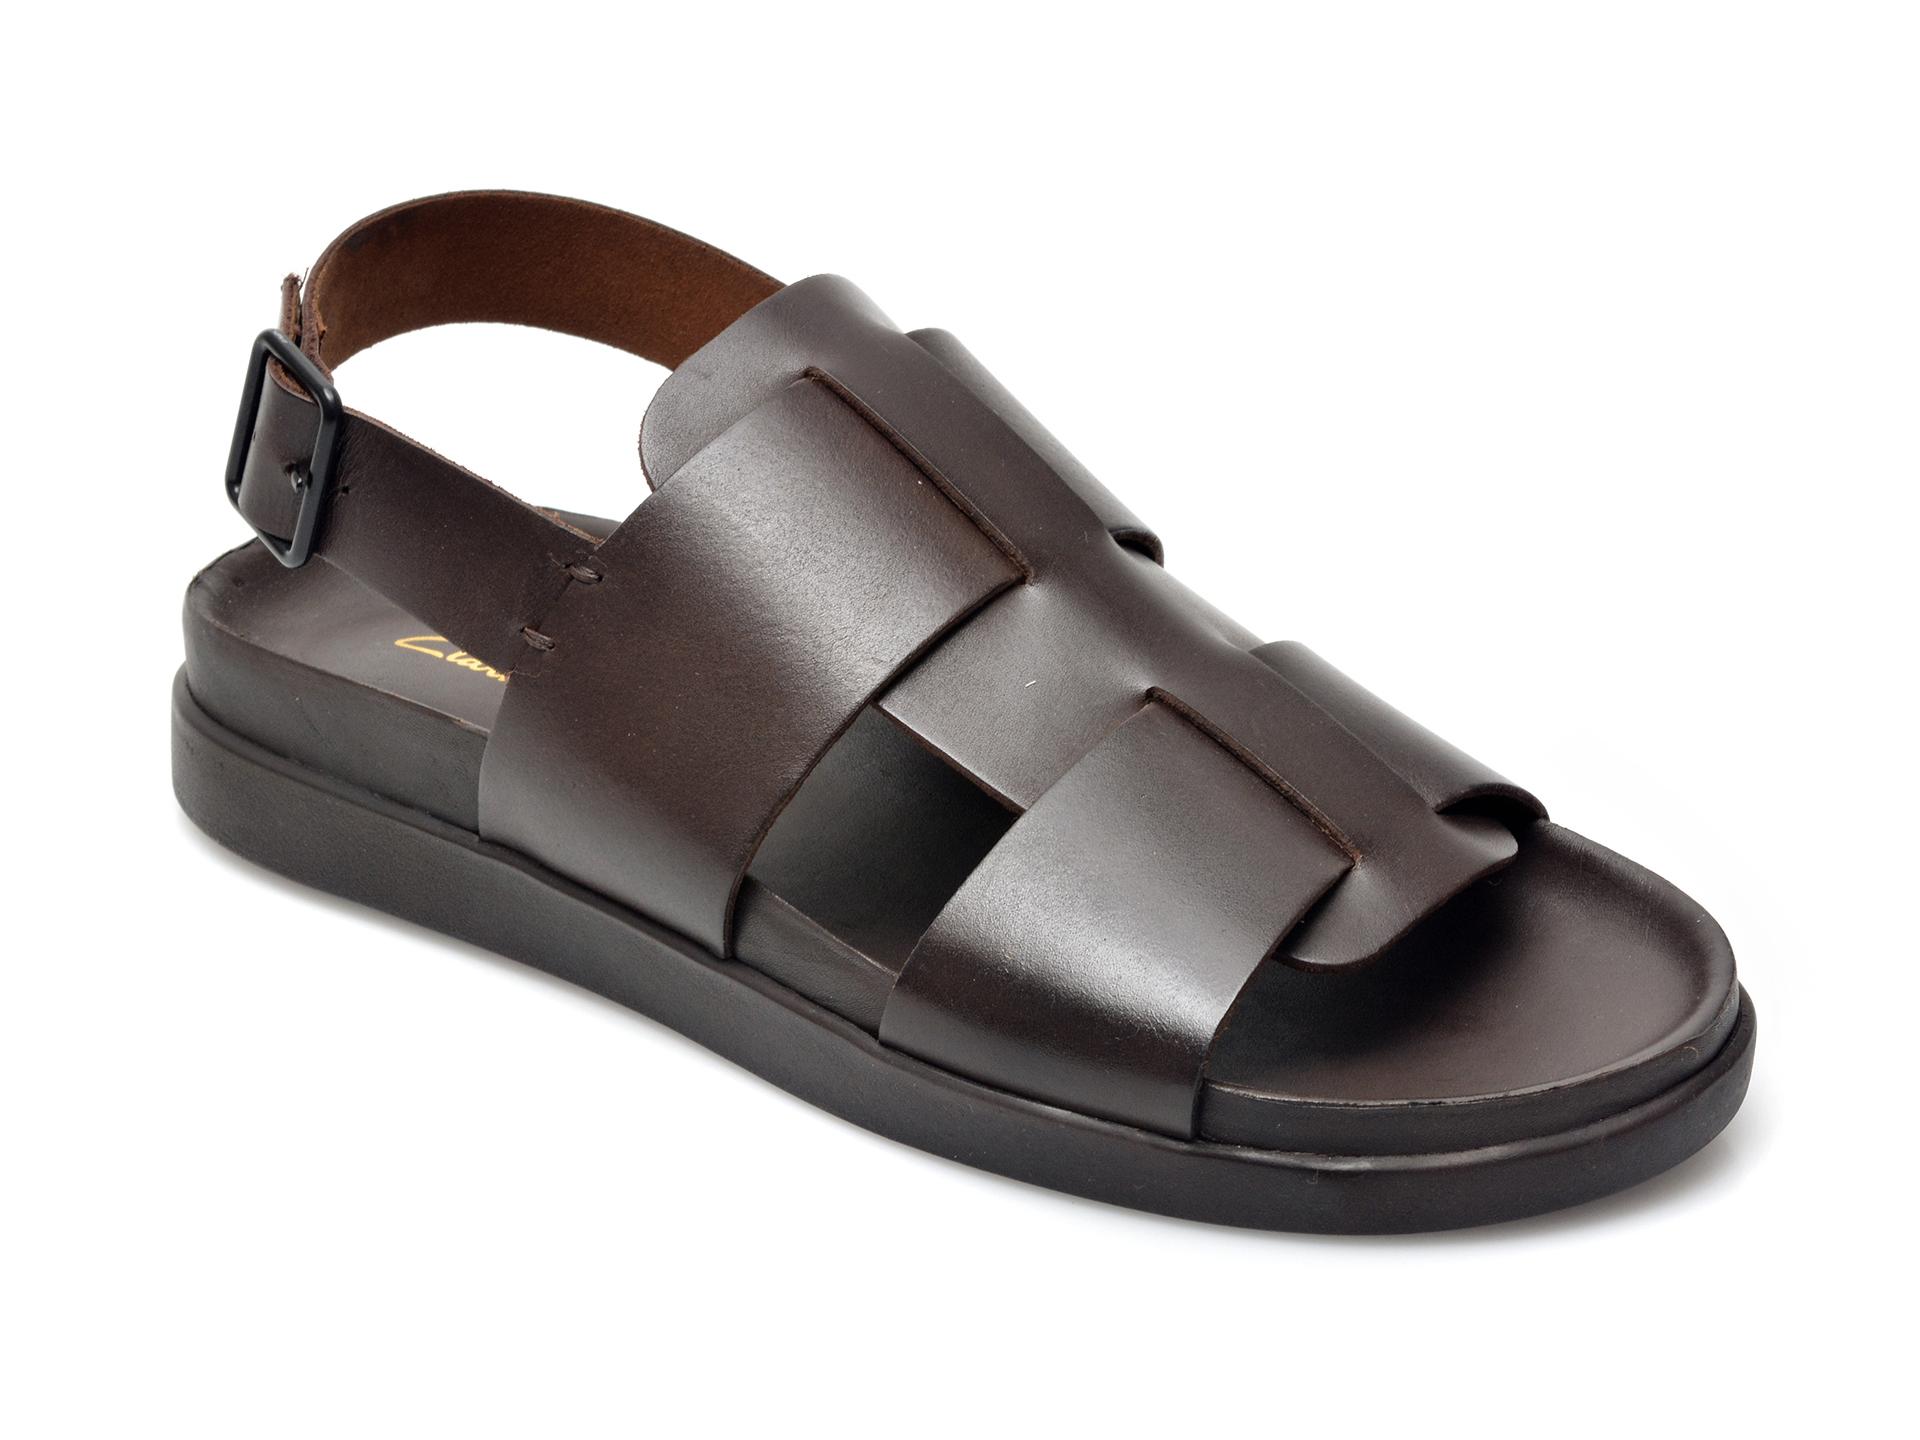 Sandale CLARKS maro, Sunder Strap, din piele naturala imagine otter.ro